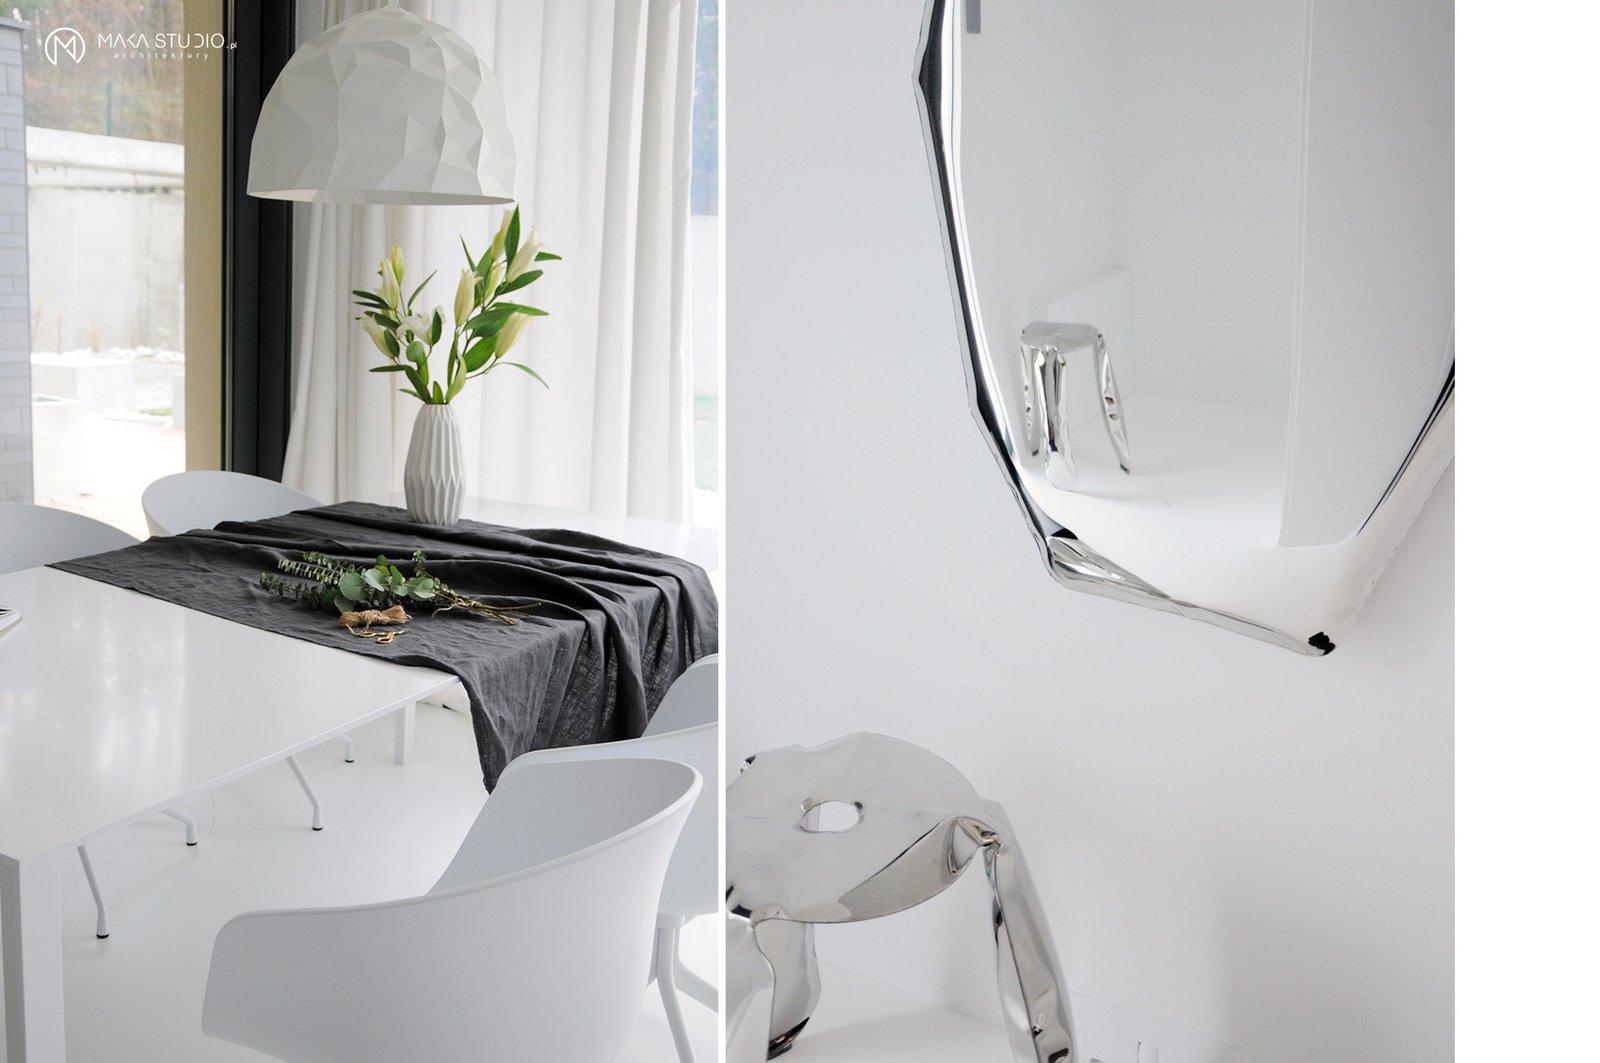 Dining Room, Chair, Table, Pendant Lighting, and Stools  Minimal Seaside Villa